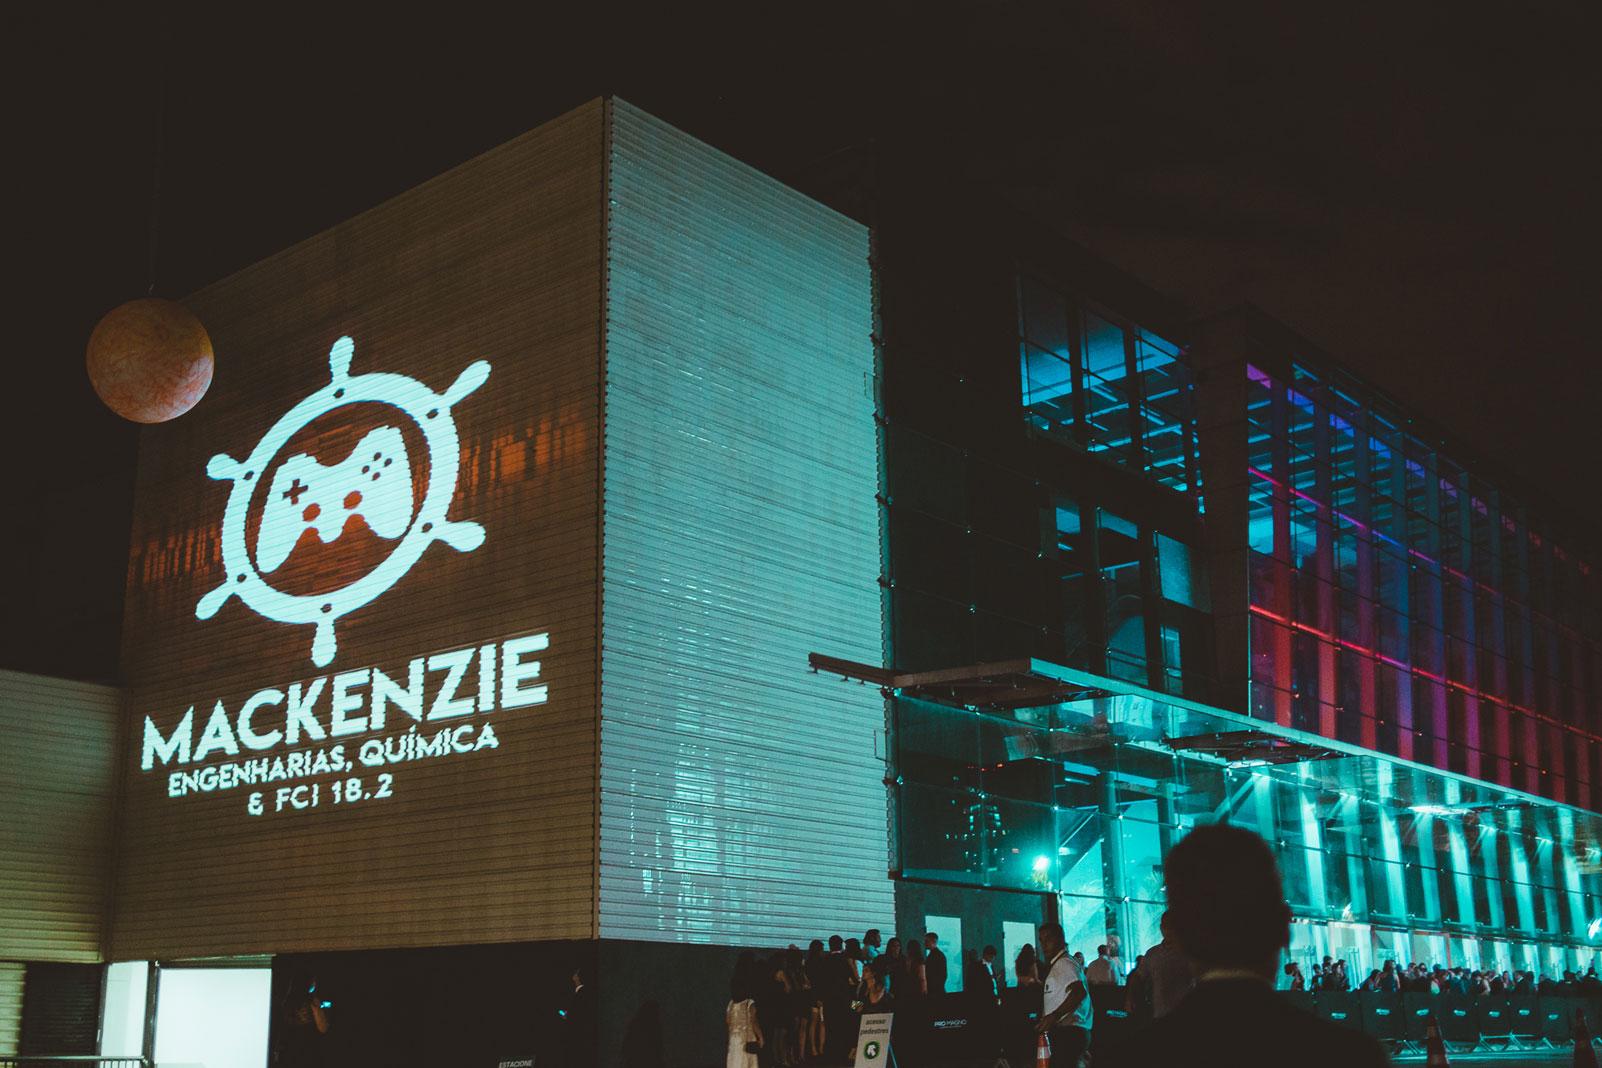 Mackenzie 18.2